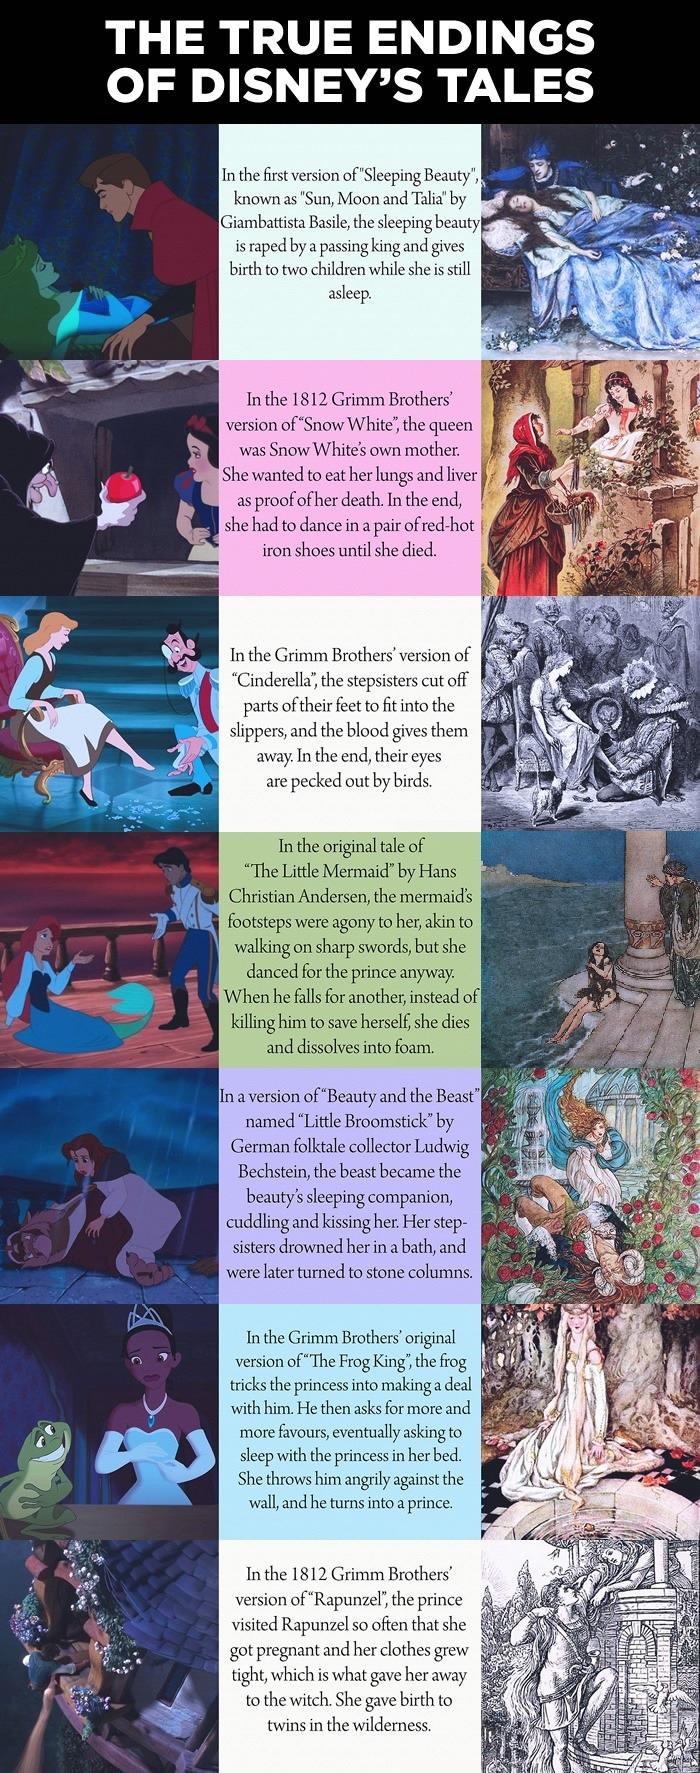 The True Ending of Disney Tales